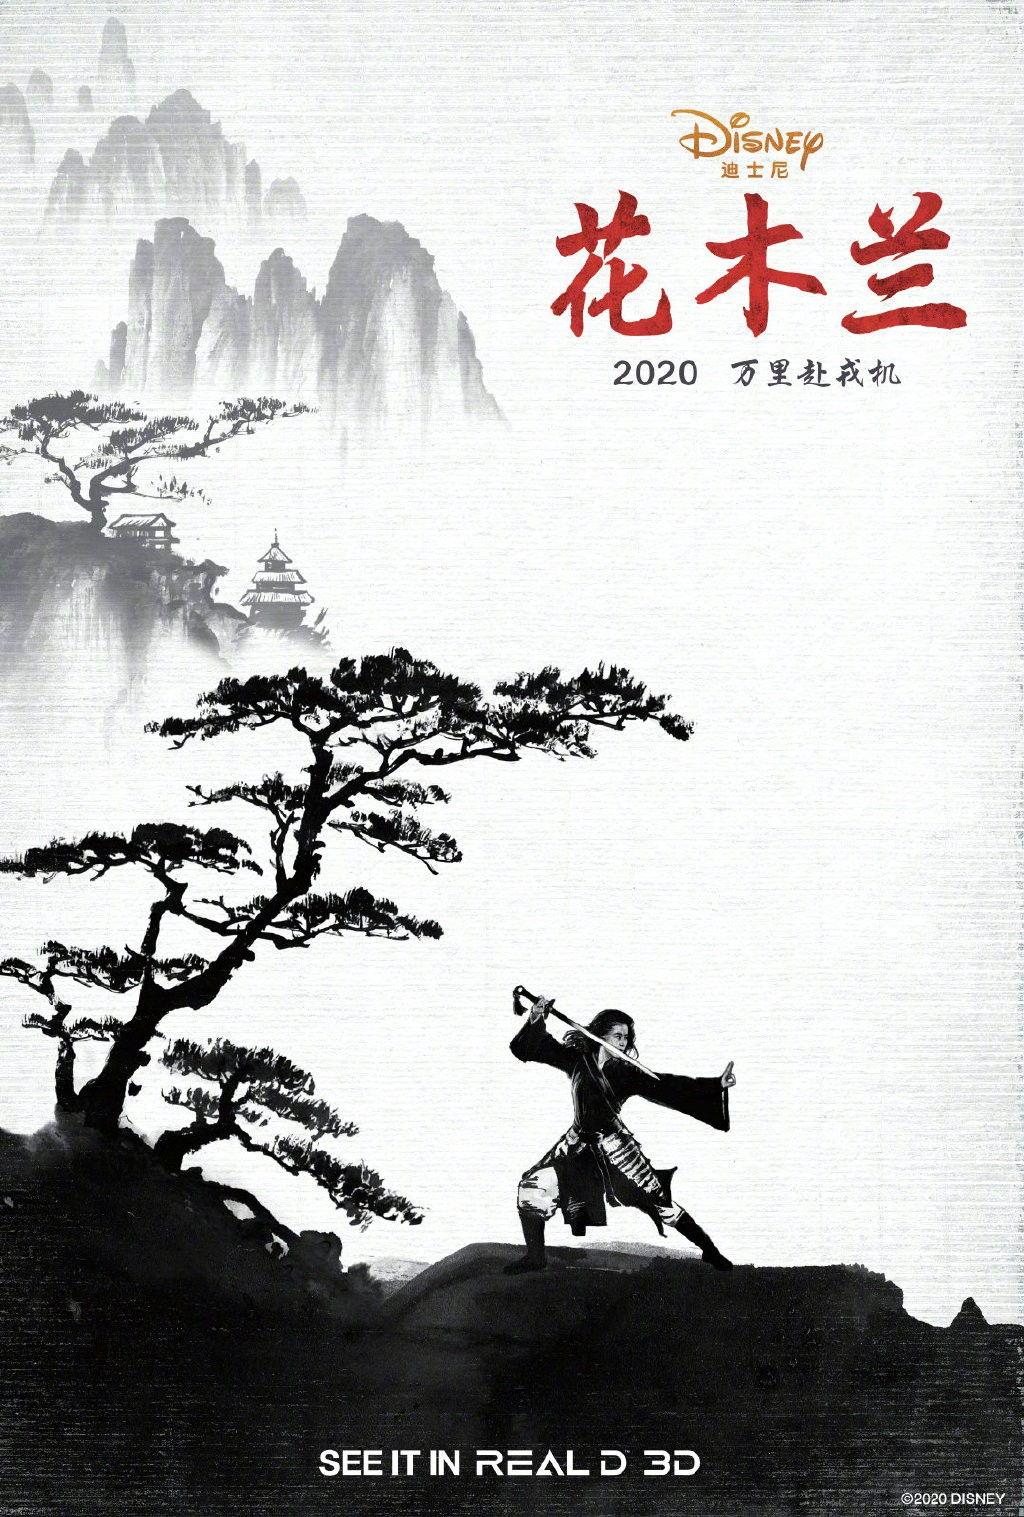 迪士尼发布真人版《花木兰》全新海报:刘亦菲英姿飒爽画面唯美